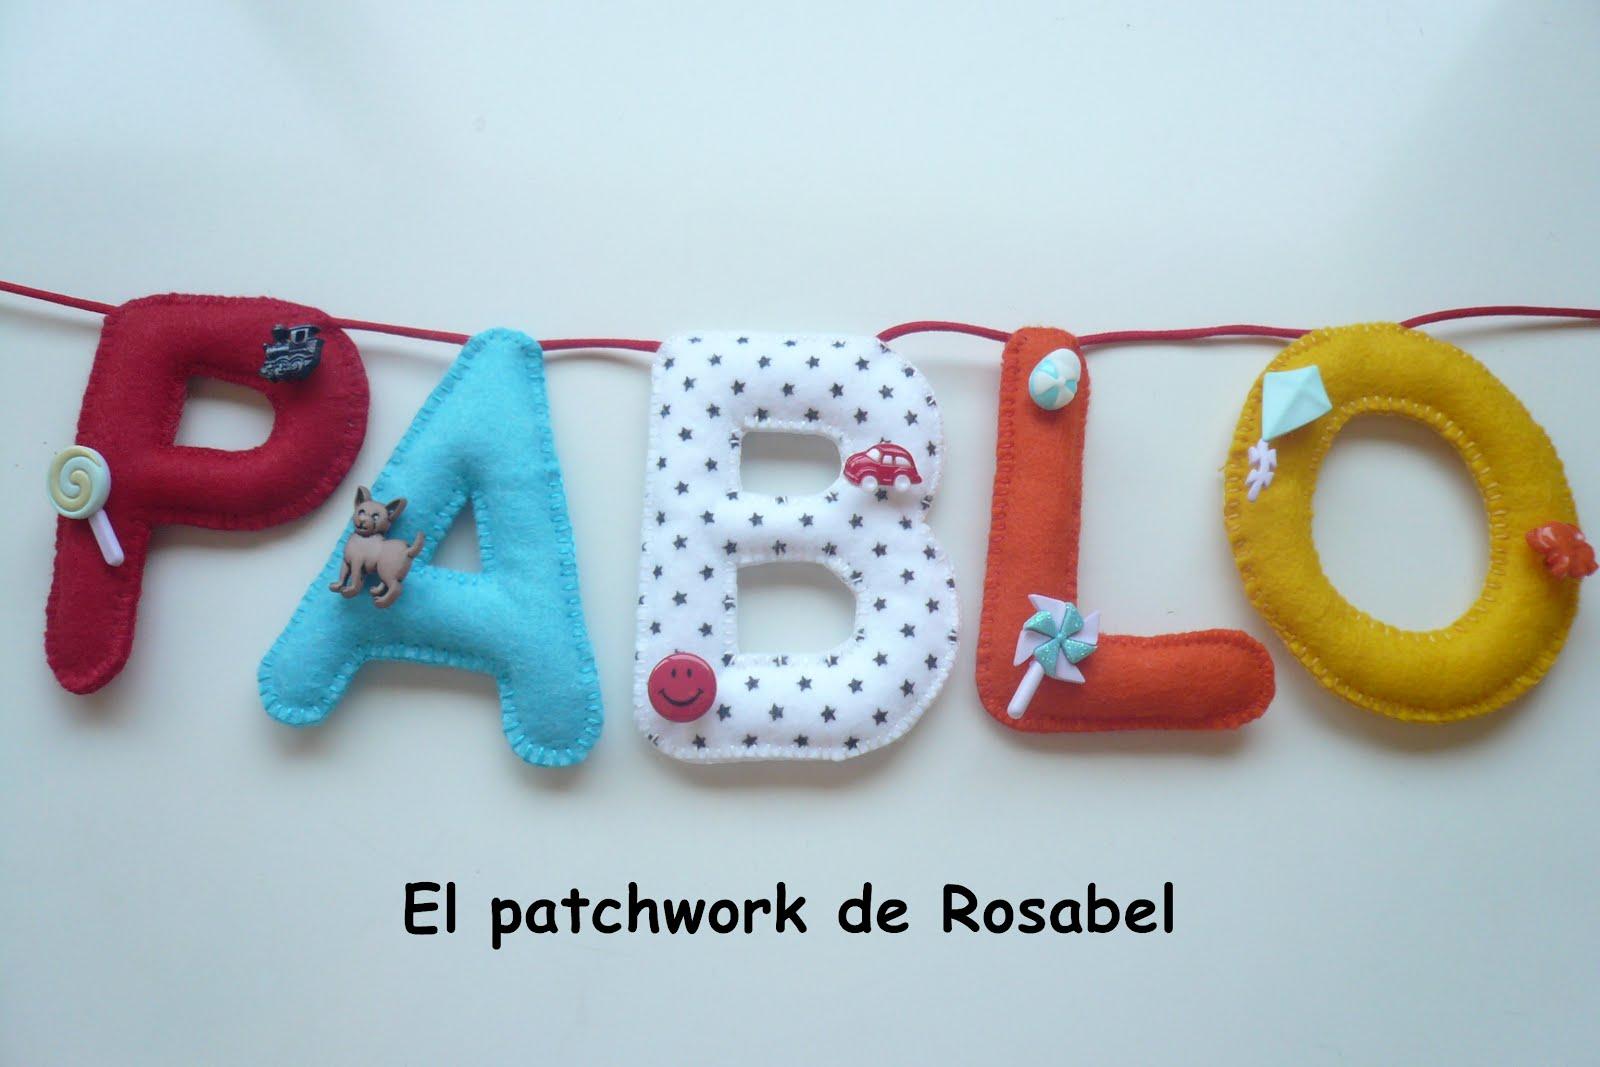 Como hacer letras de patchwork imagui - Como hacer pachwork ...